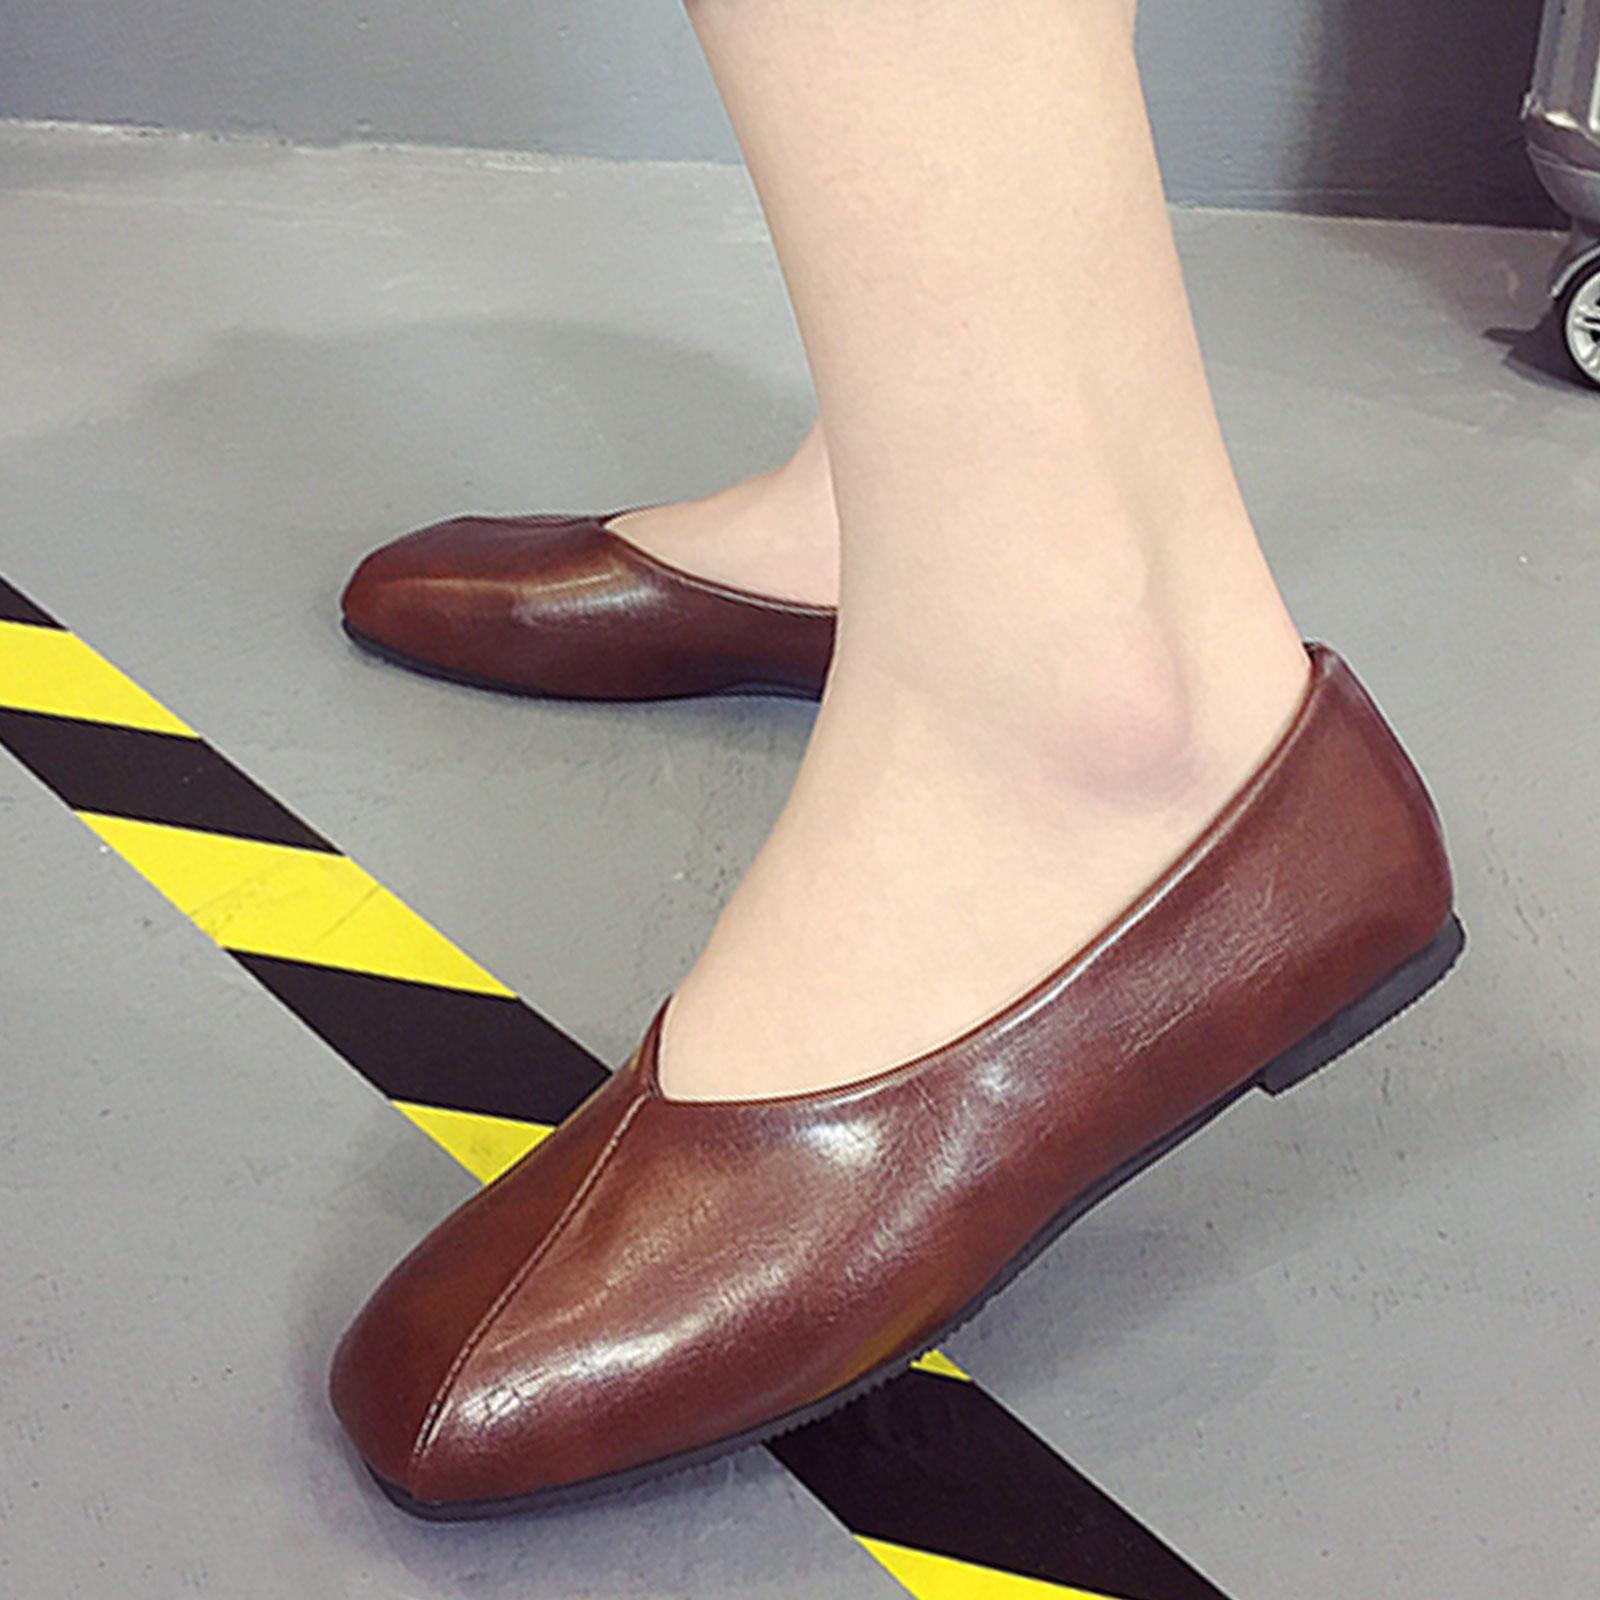 懶人鞋 奶奶鞋 韓版復古淺口方頭懶人鞋【S1681】☆雙兒網☆ 1